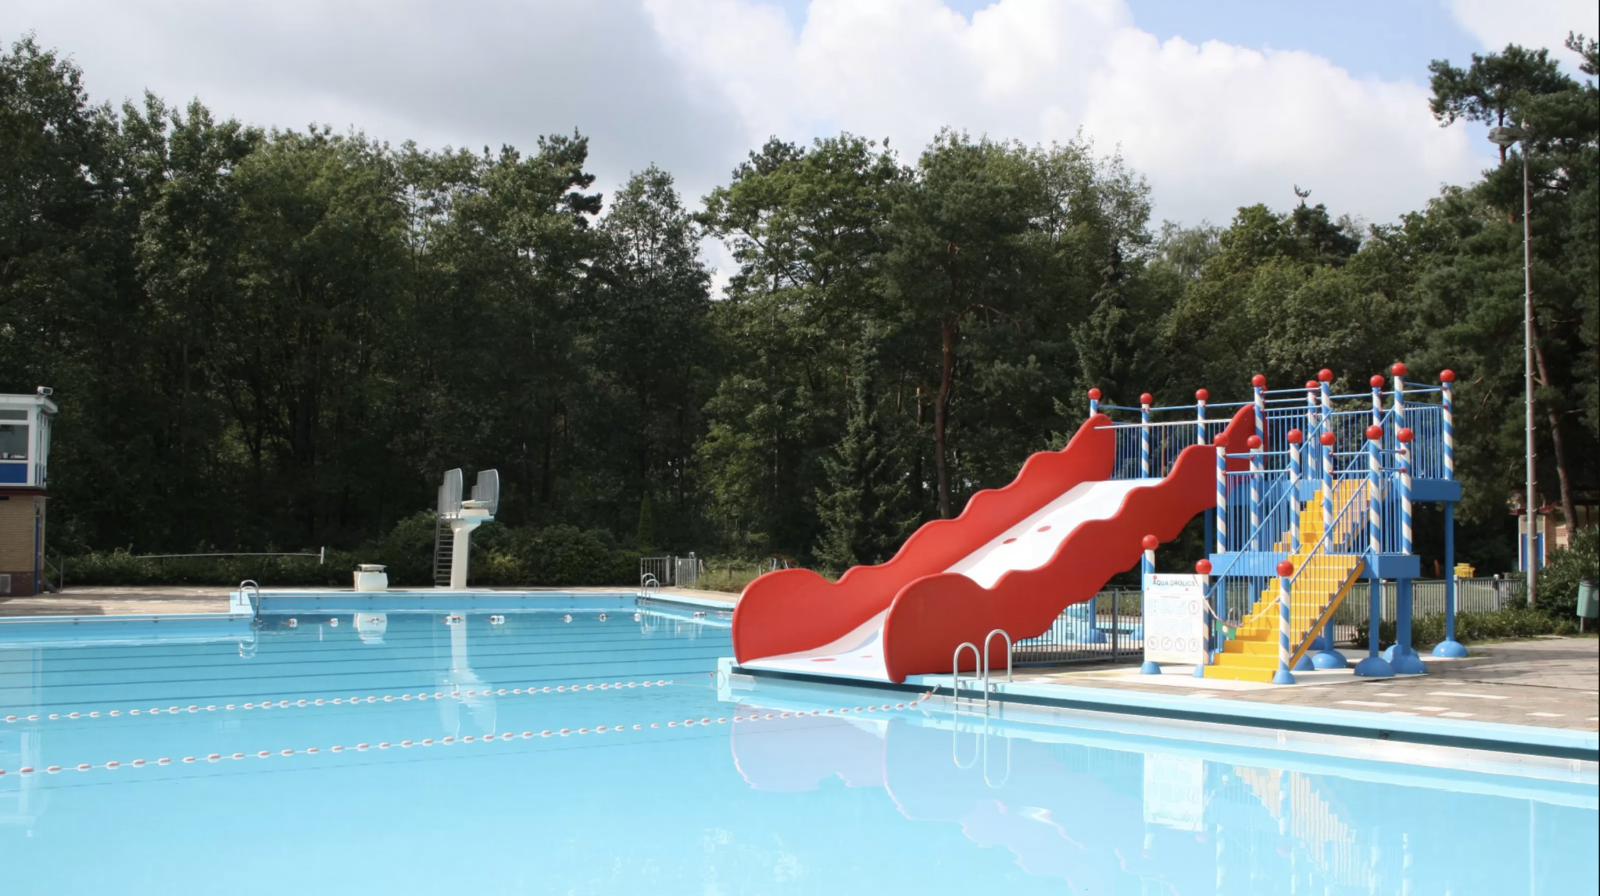 Buitenzwembad Twenhaarsveld